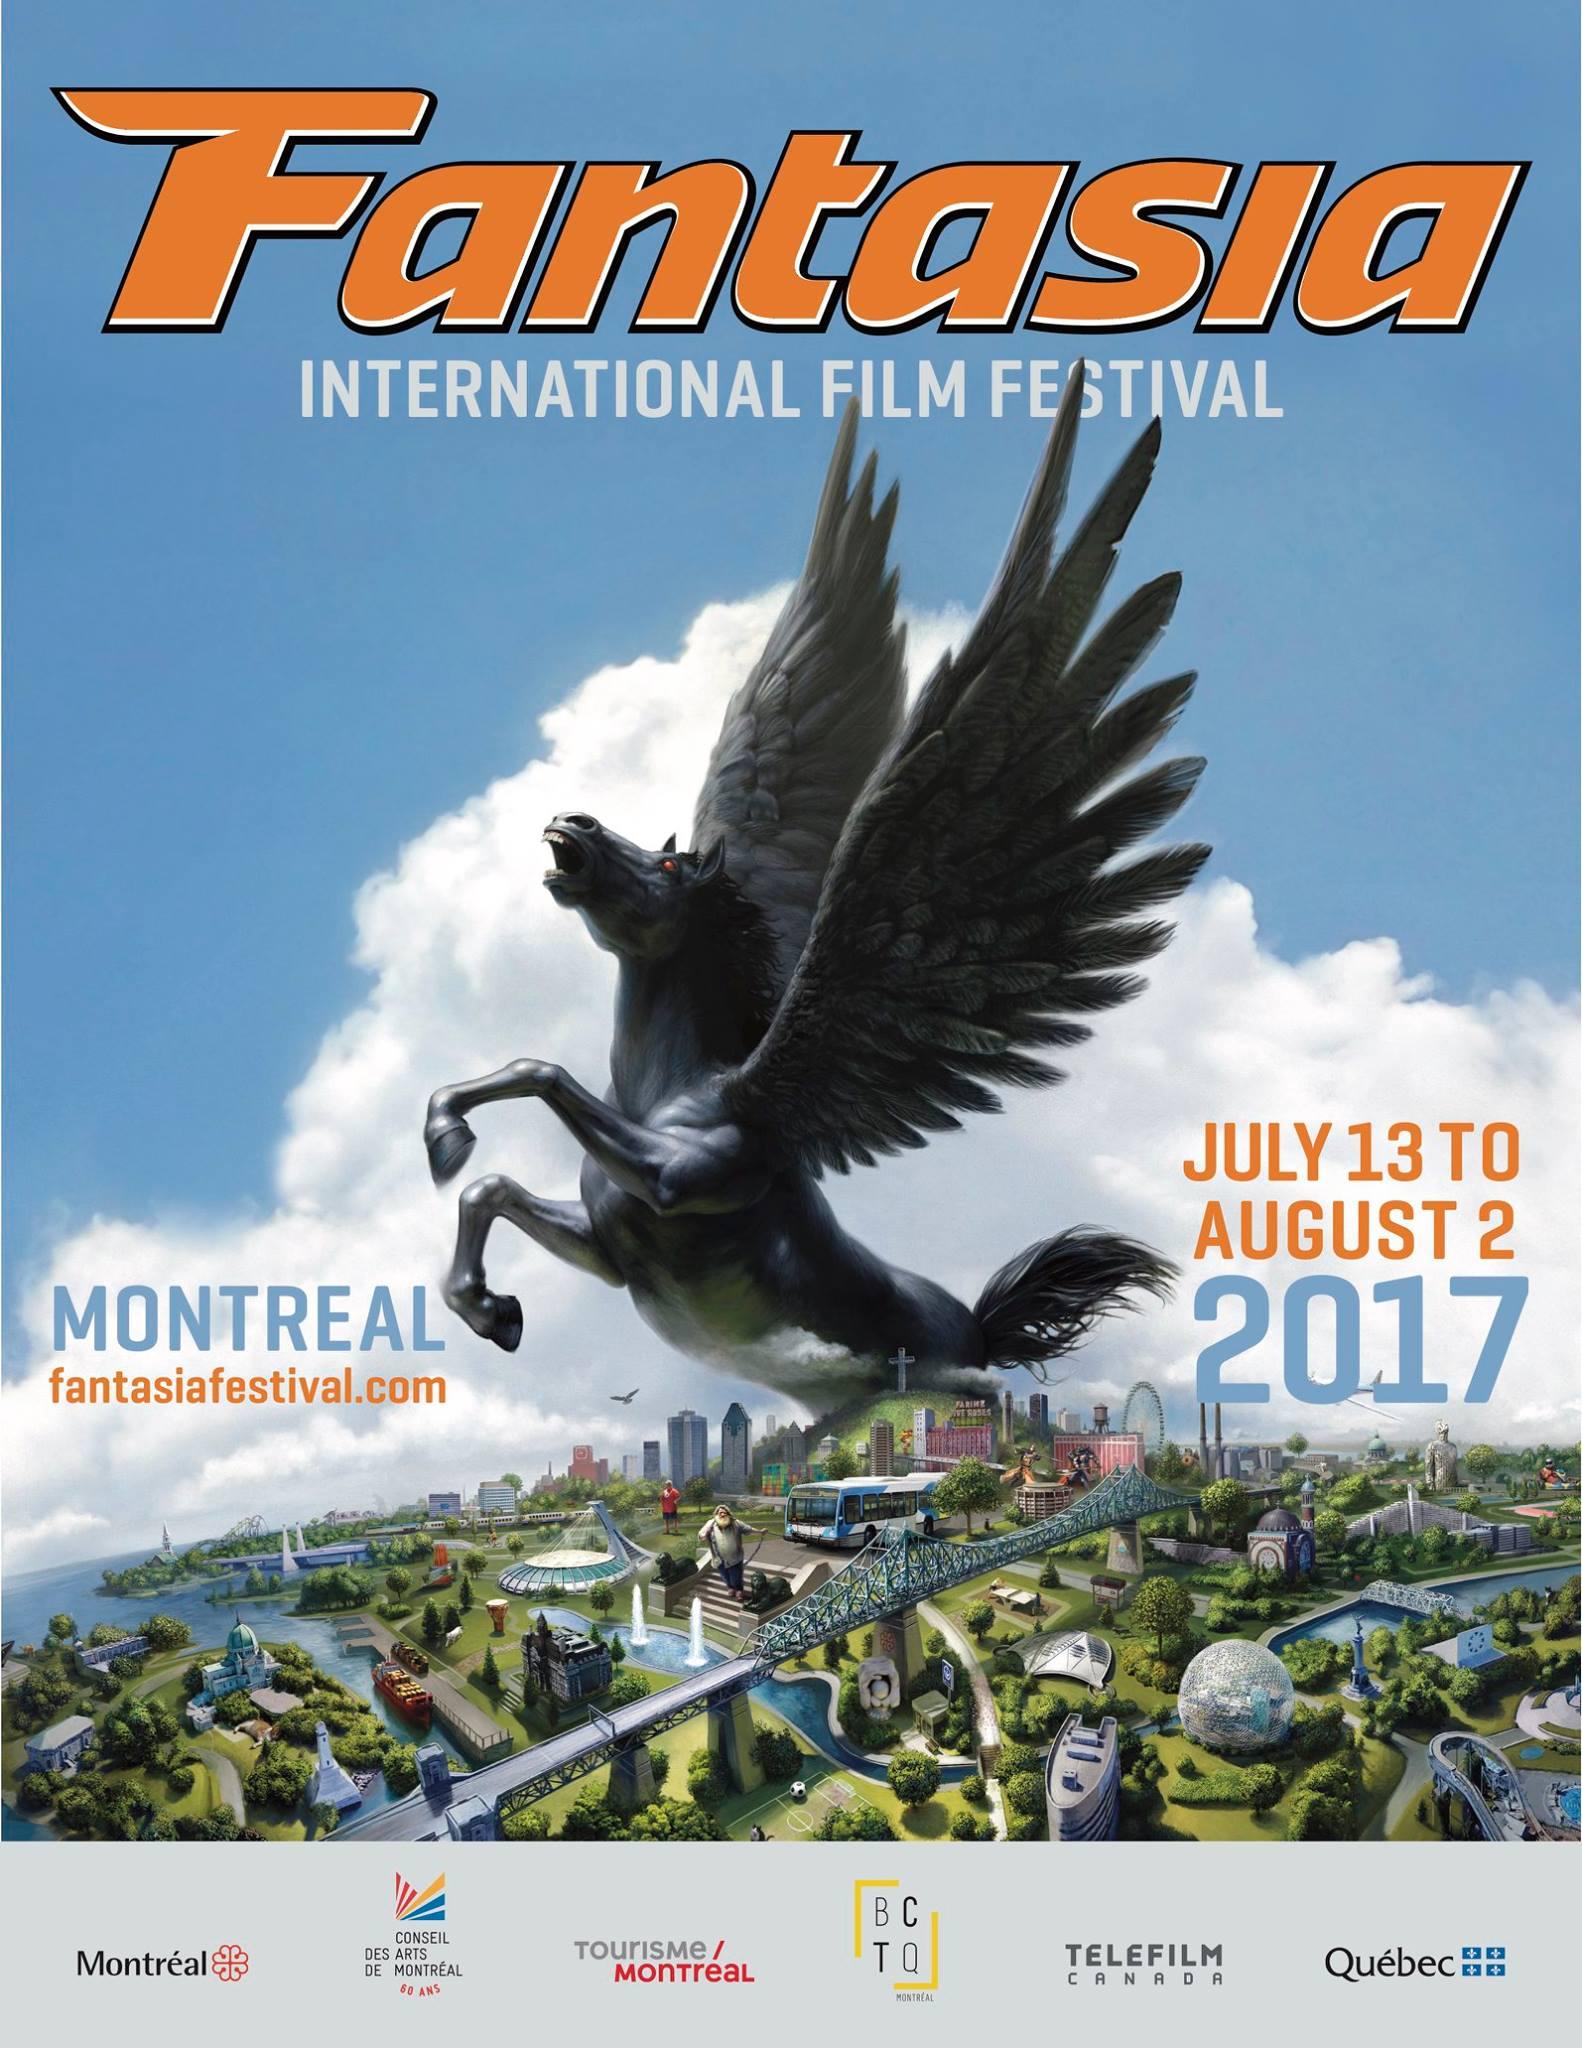 FANTASIA 2017, une 21e édition avec près de 100000 spectateurs